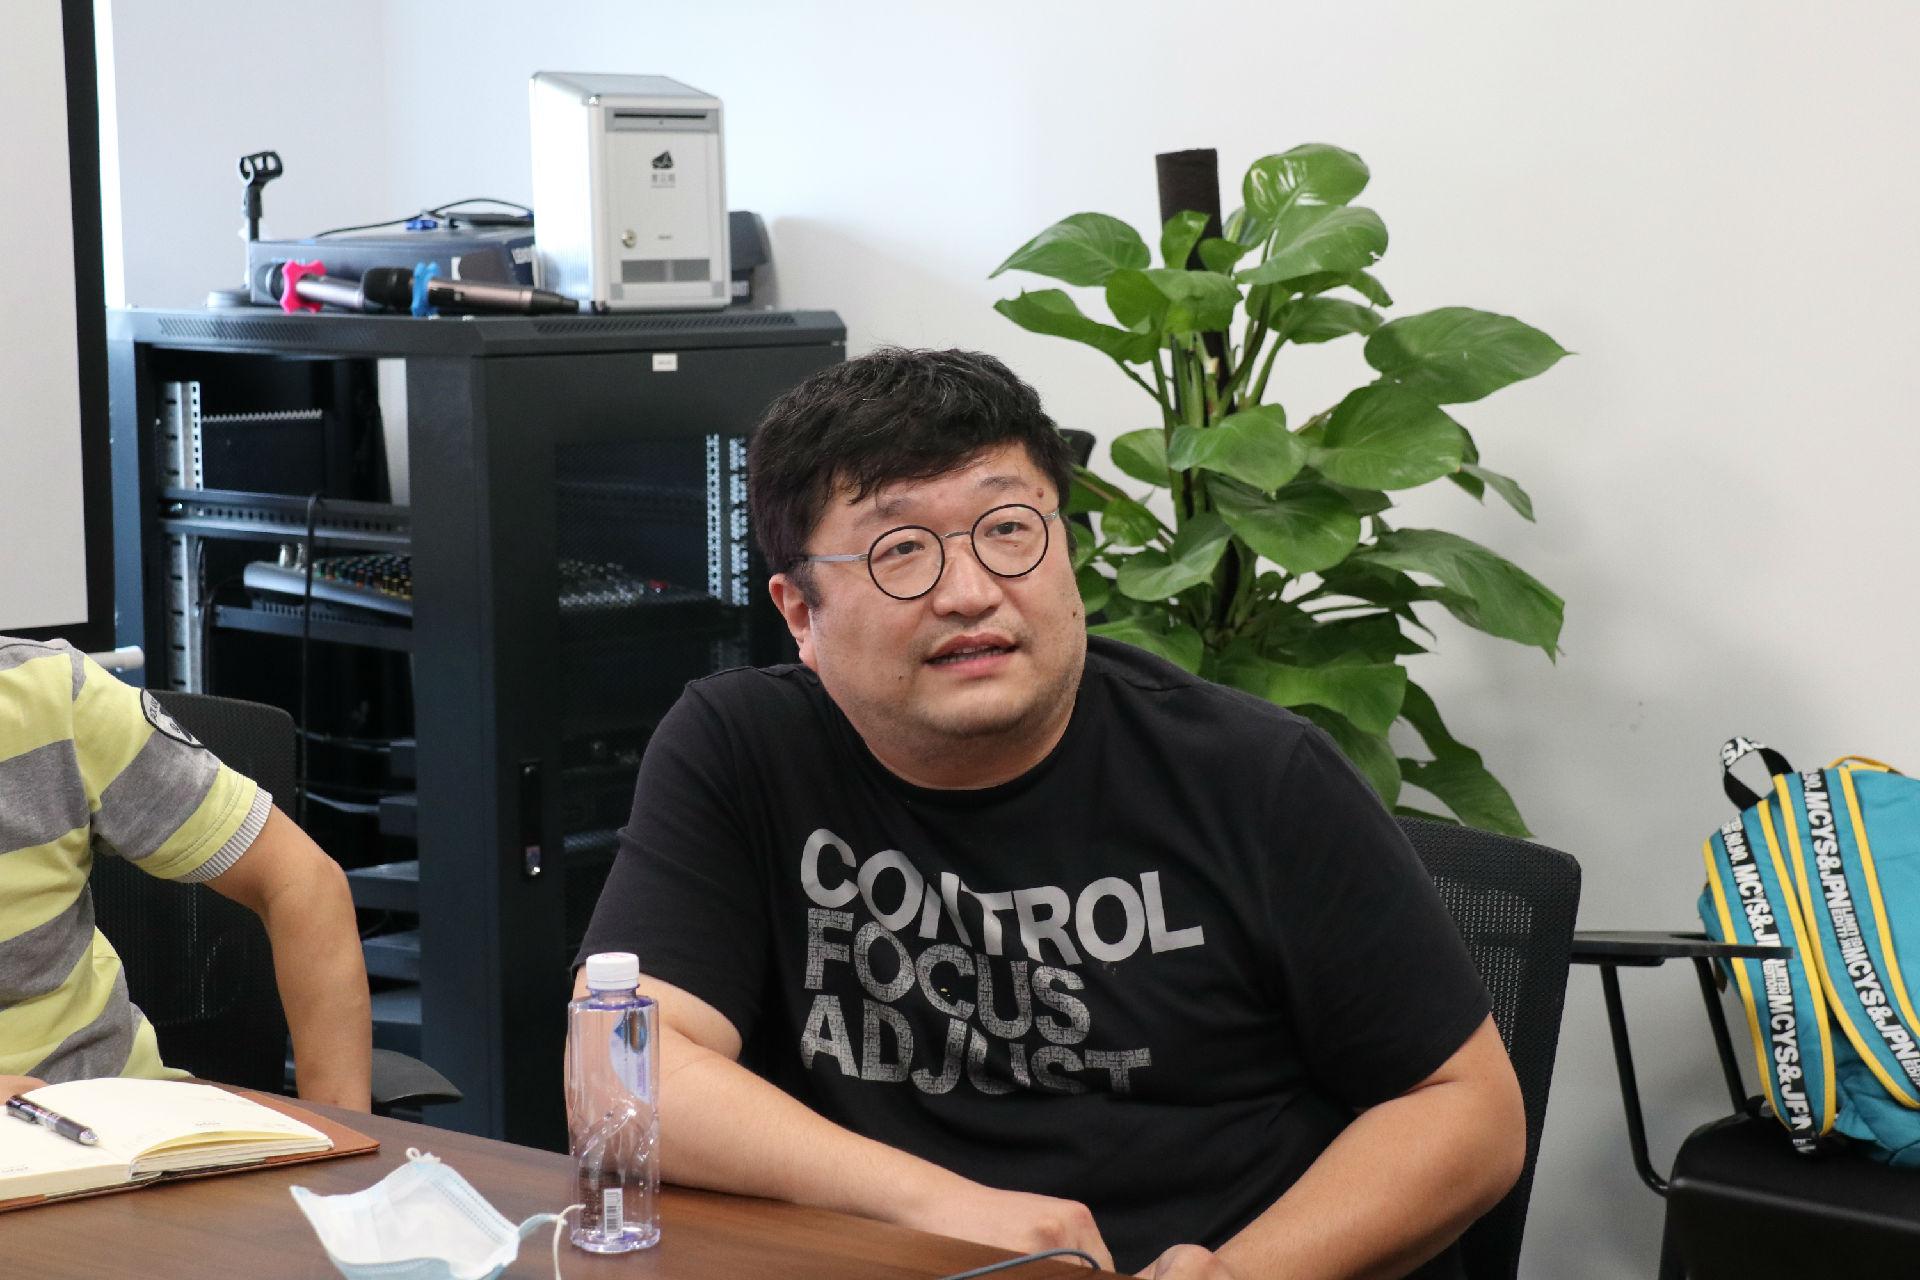 共学习,促交流,助发展——张浩淼先生莅临高阳捷迅指导交流